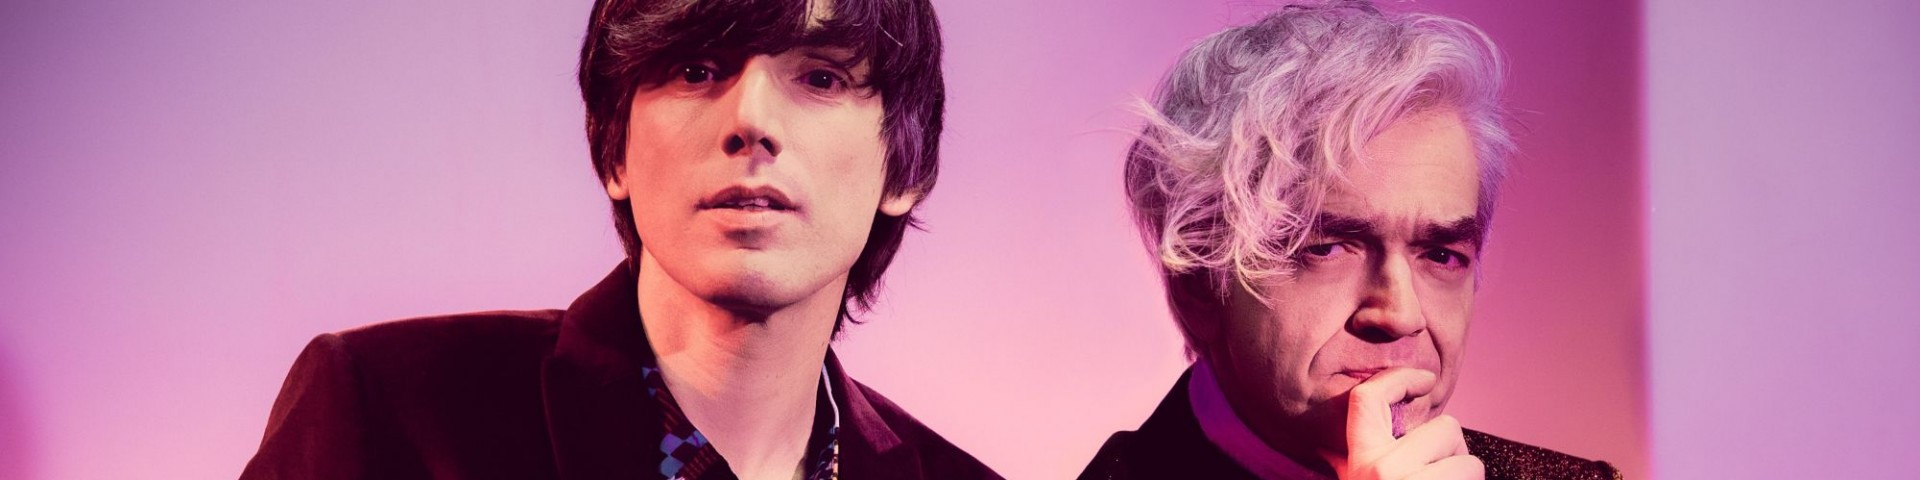 Bugo e Morgan: tutta la verità su quello che è successo a Sanremo 2020